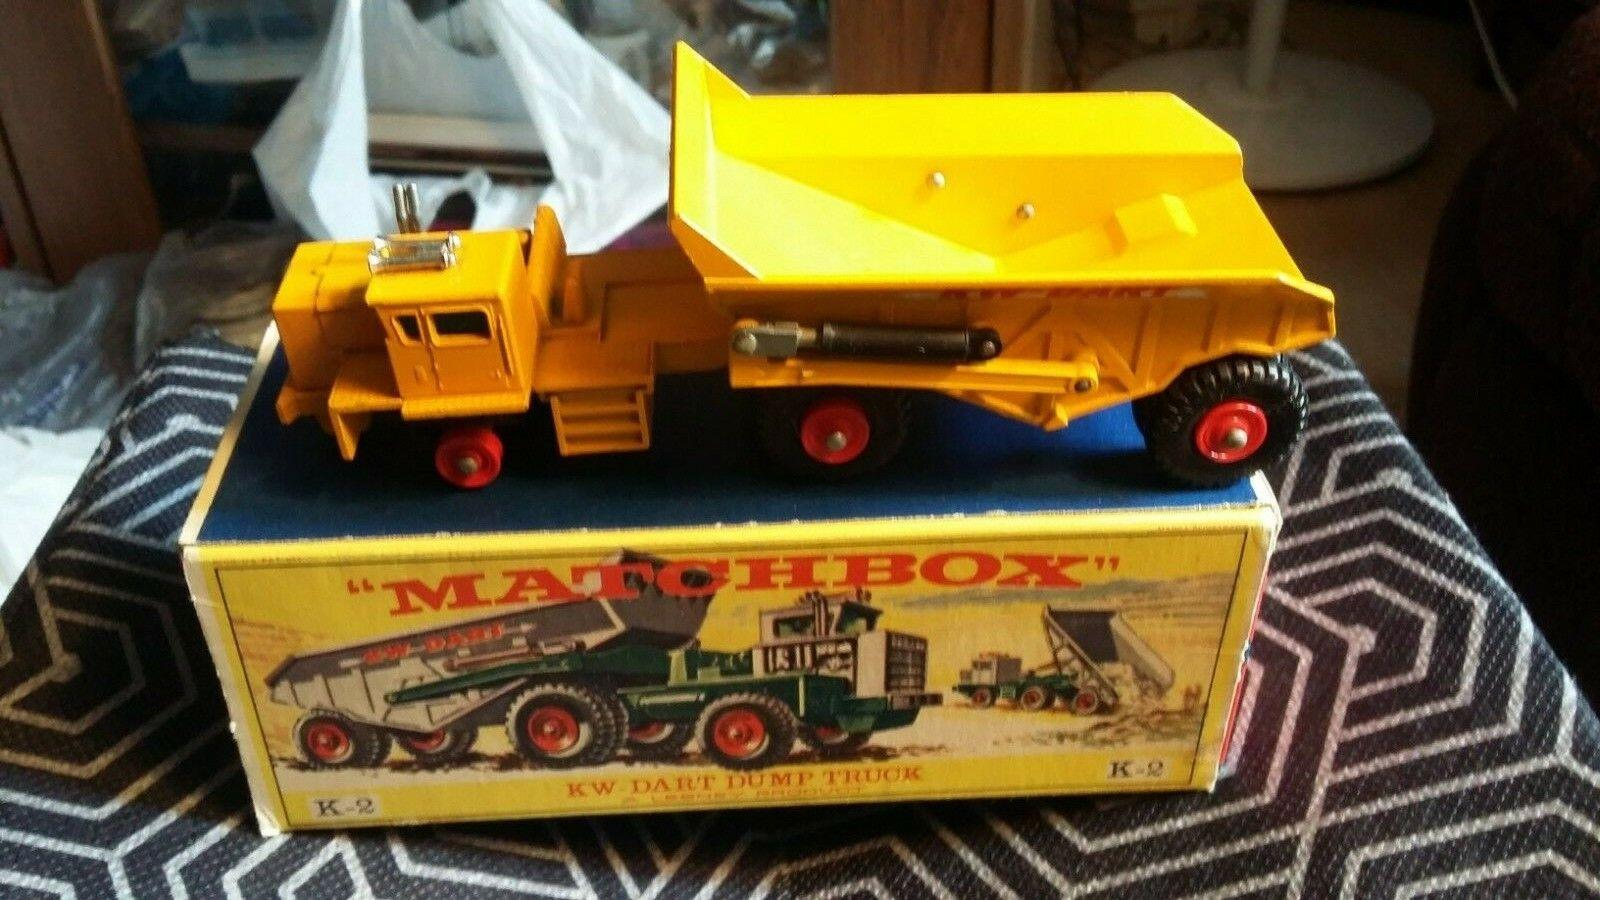 MATCHBOX LESNEY K-2 King Taille, KW DART Camion benne, En parfait état, dans sa boîte, tous d'origine